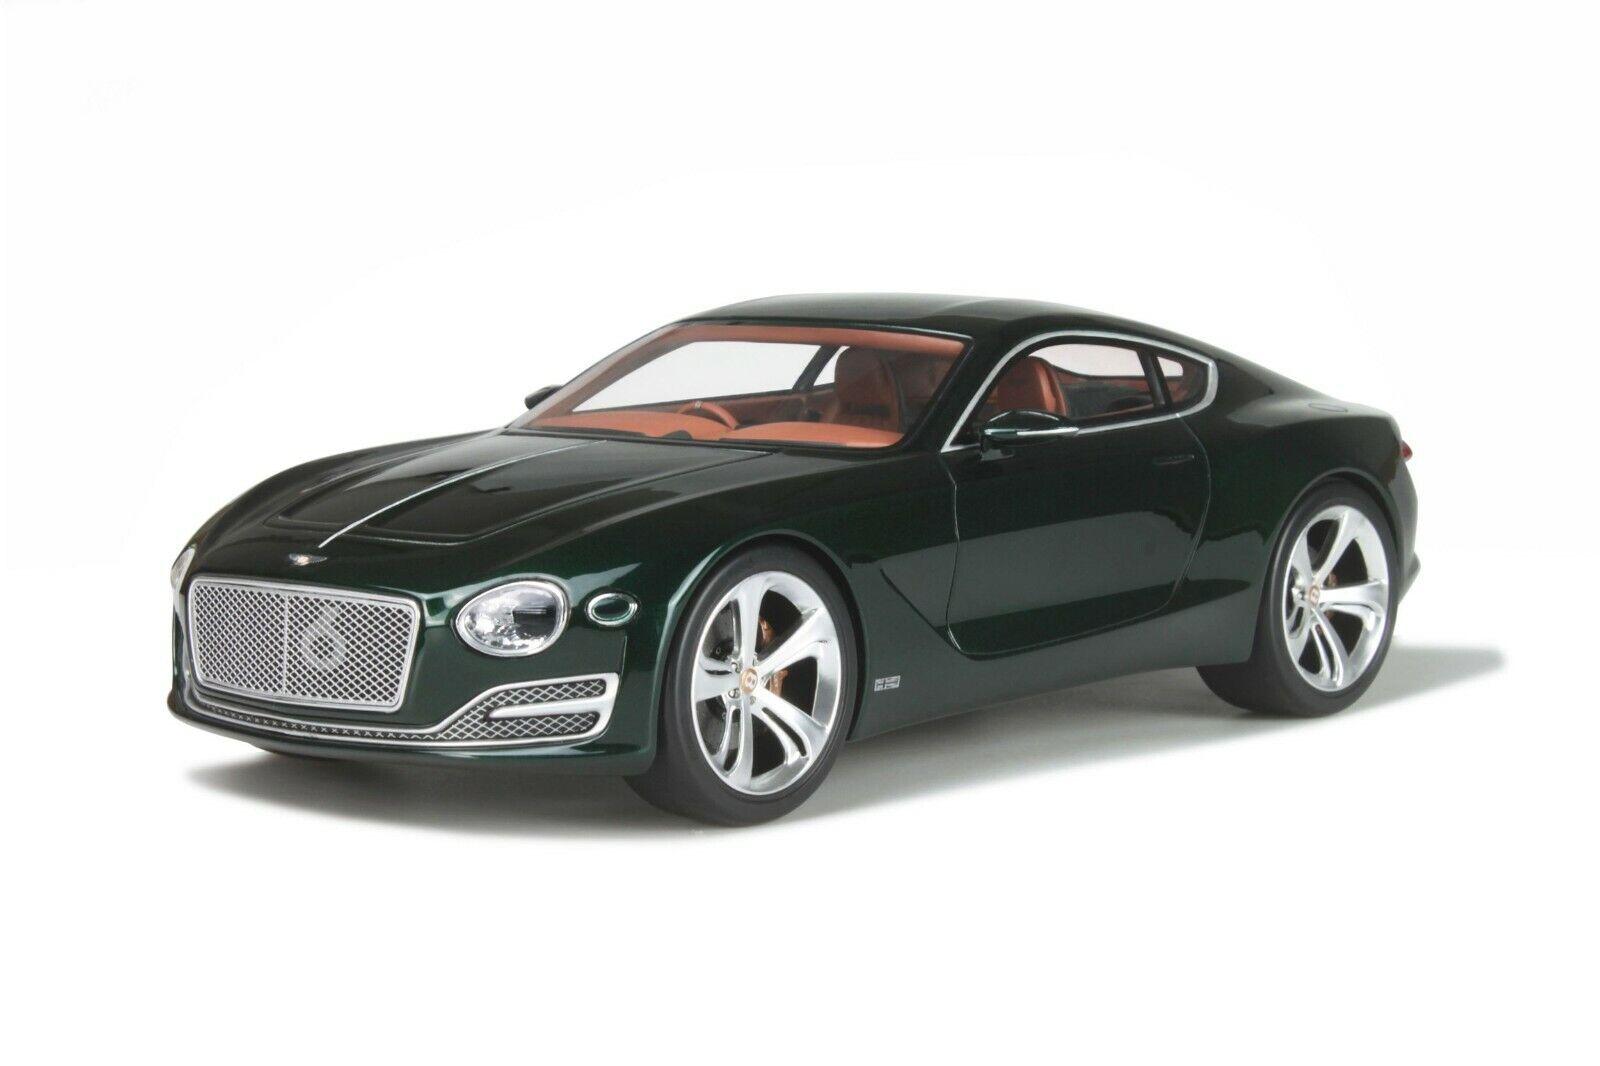 ordenar ahora 1 18 GT Spirit Bentley Exp 10 Speed Speed Speed 6 (Metallic verde) - New in box  calidad de primera clase